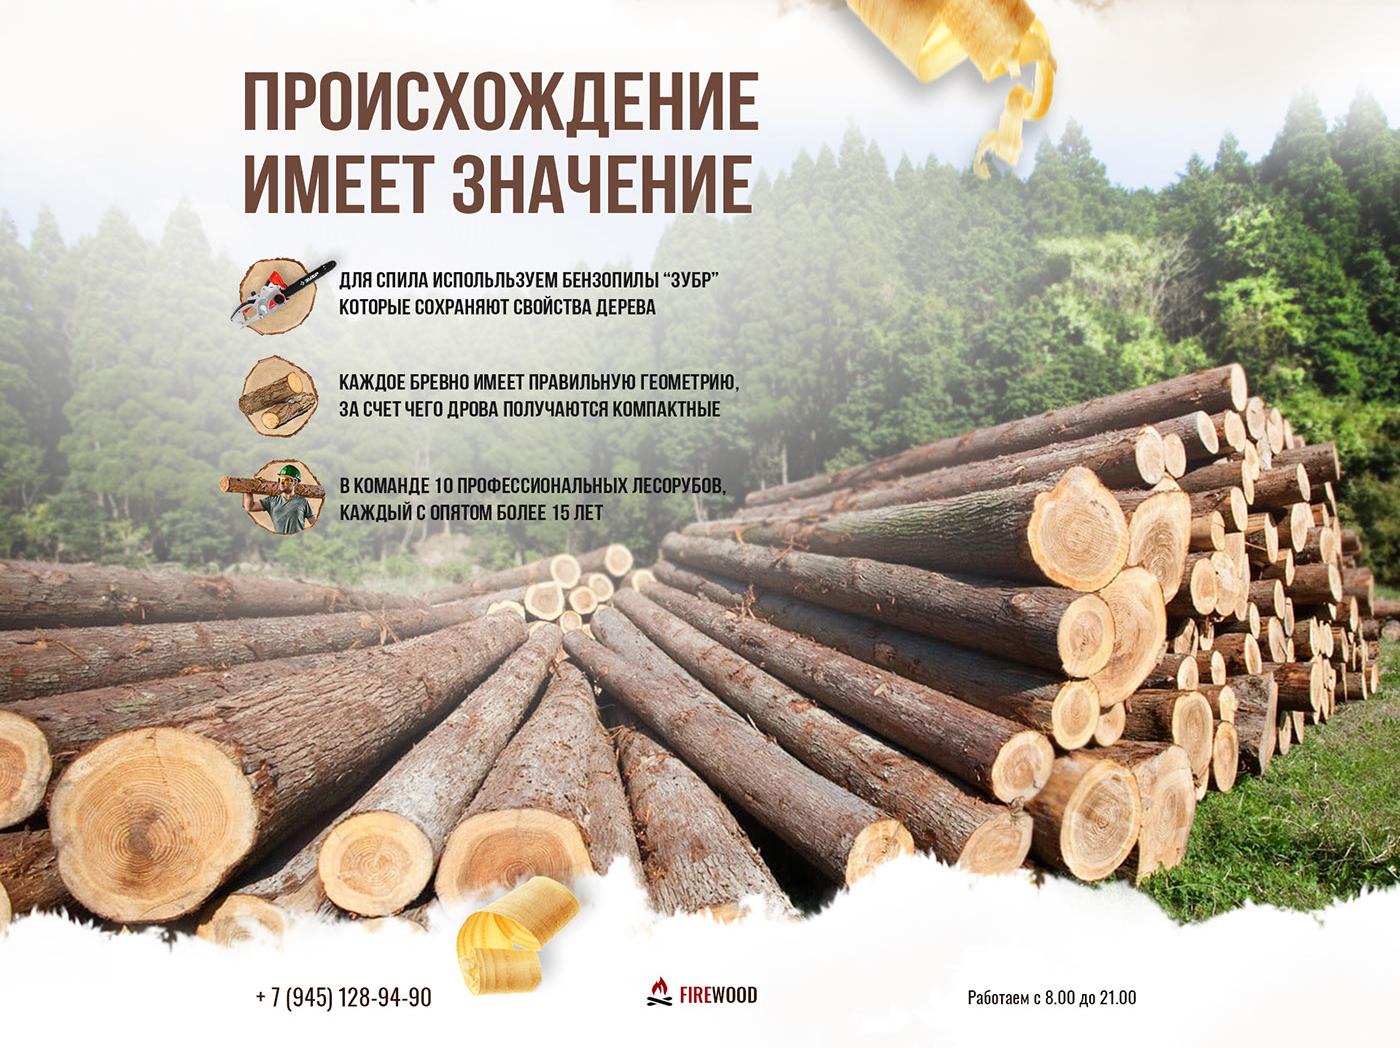 Кейс. Лендинг по продаже дров из сосны. Пасмедиа